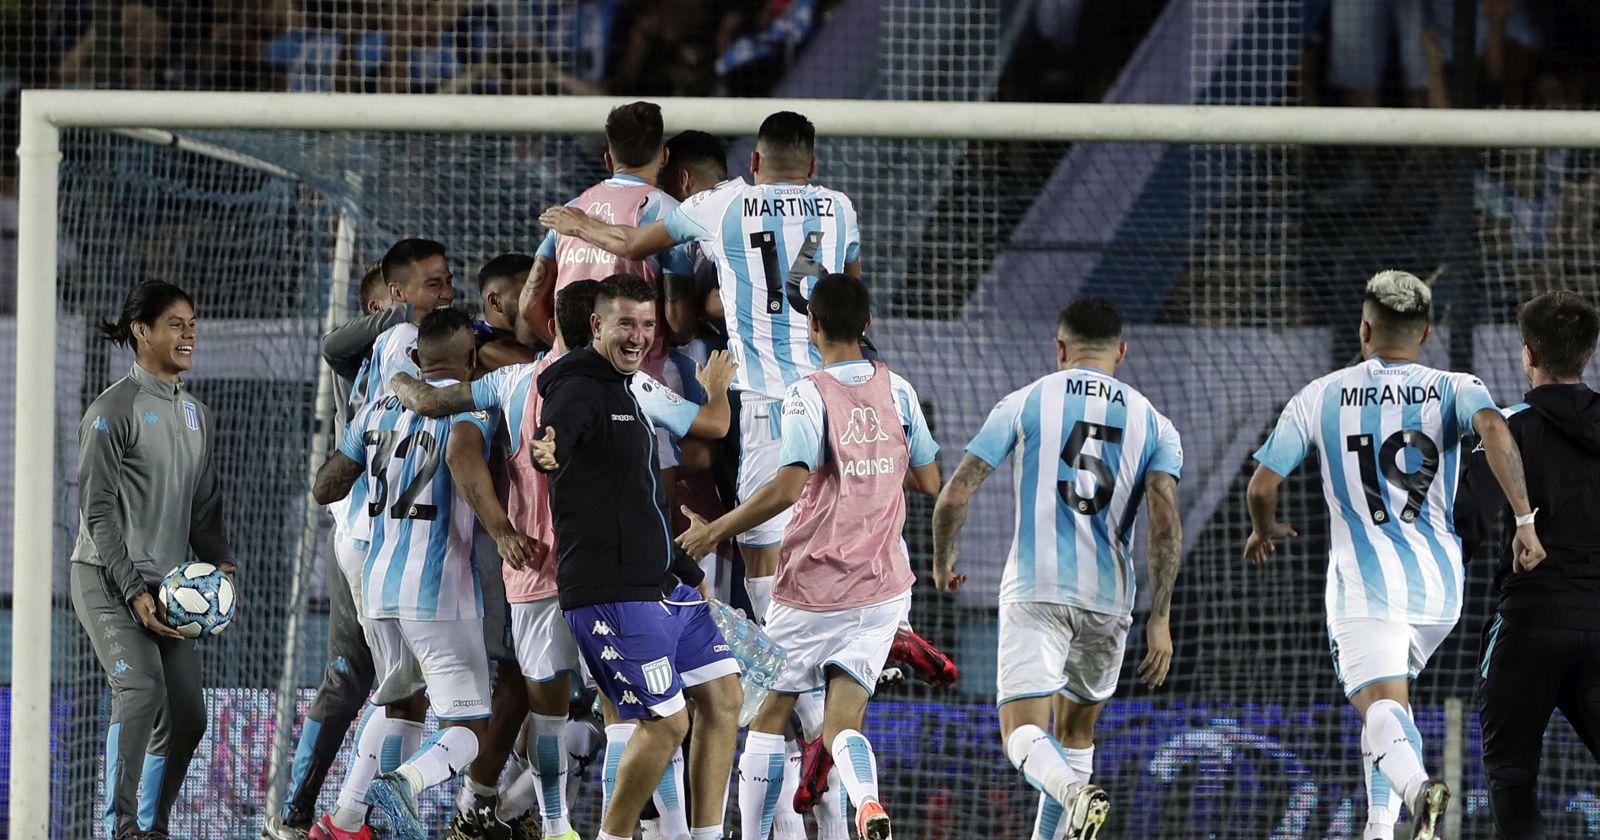 Fútbol argentino volverá a los entrenamientos el próximo 10 de agosto